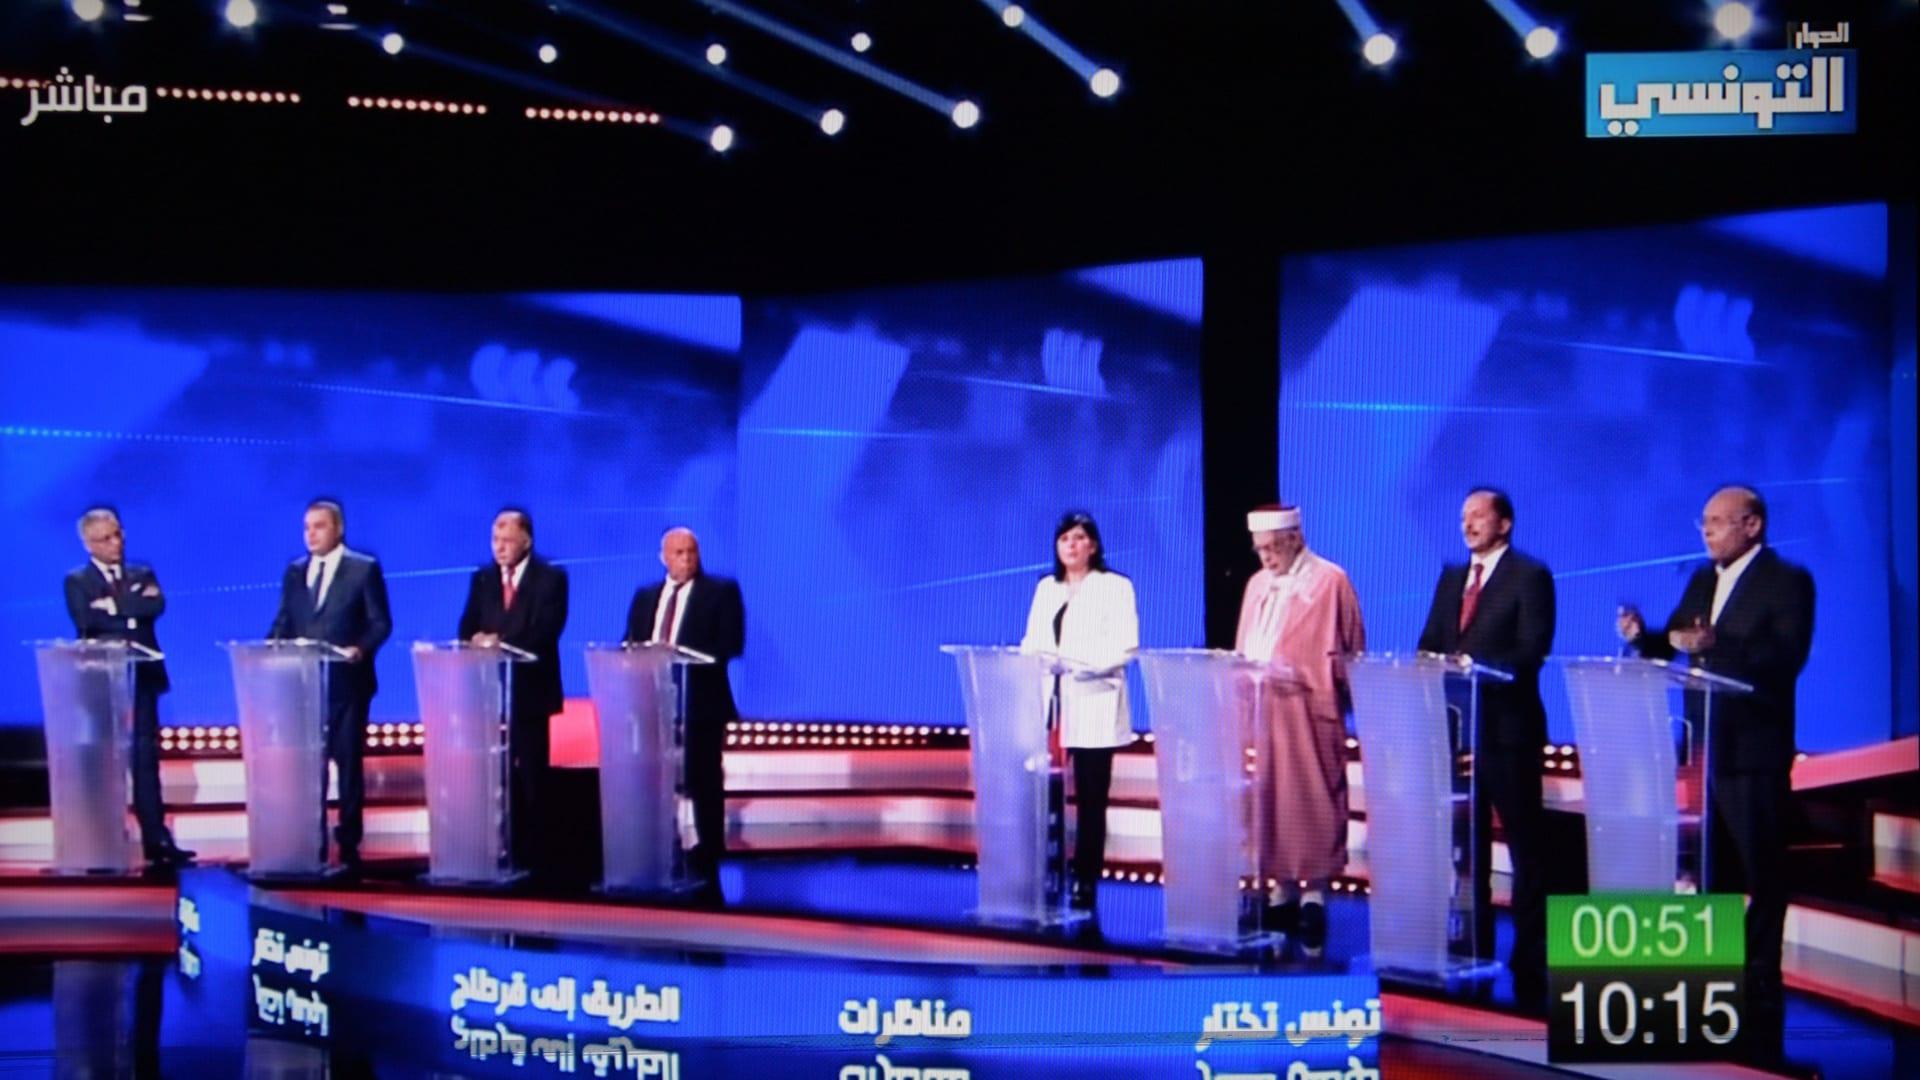 ليلة ساخنة مع أول مناظرة رئاسية في تاريخ تونس